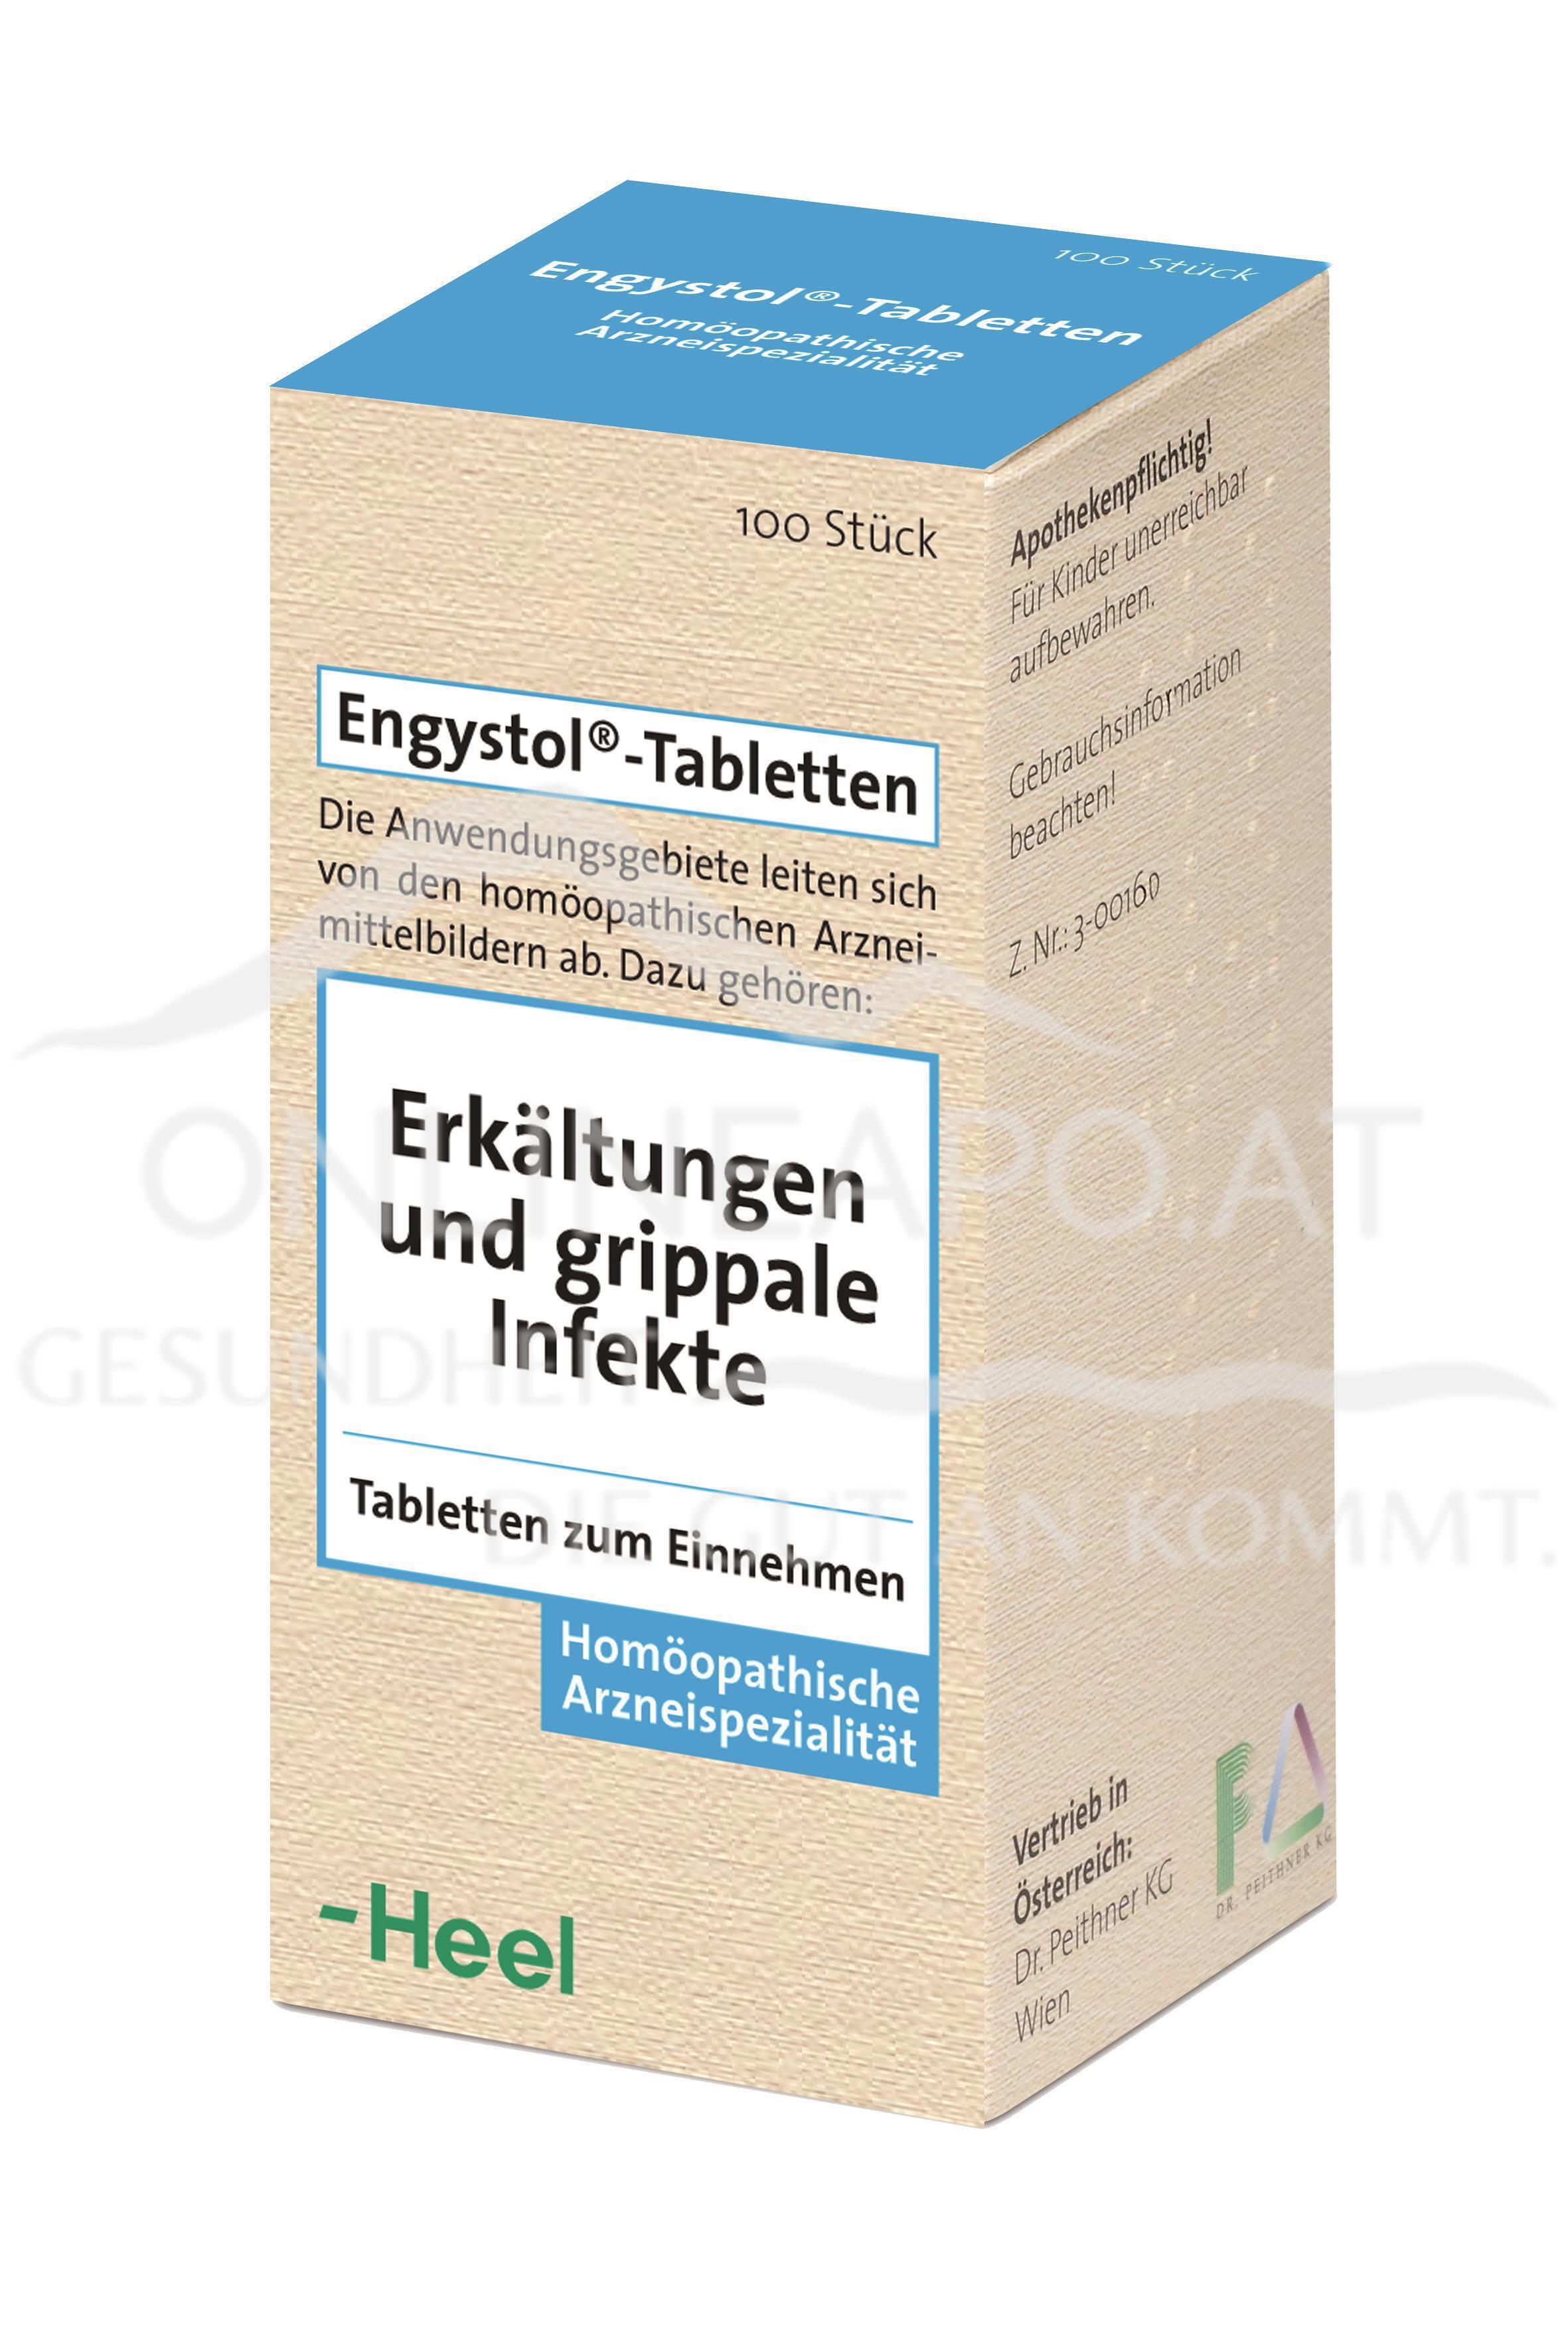 Engystol®